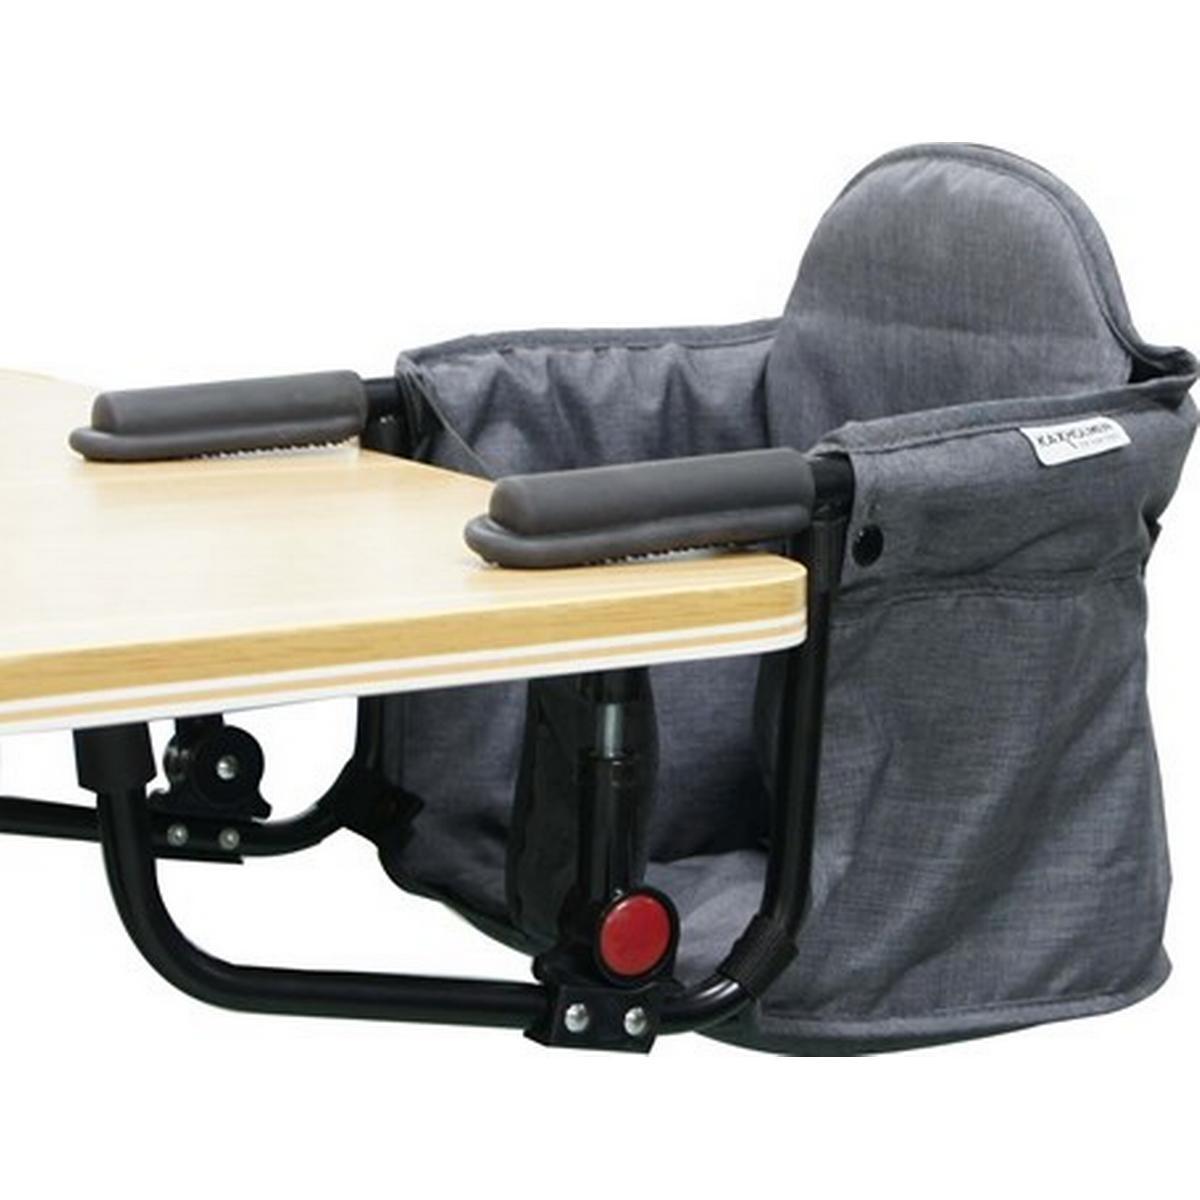 Barnstol bord • Hitta det lägsta priset hos PriceRunner nu »